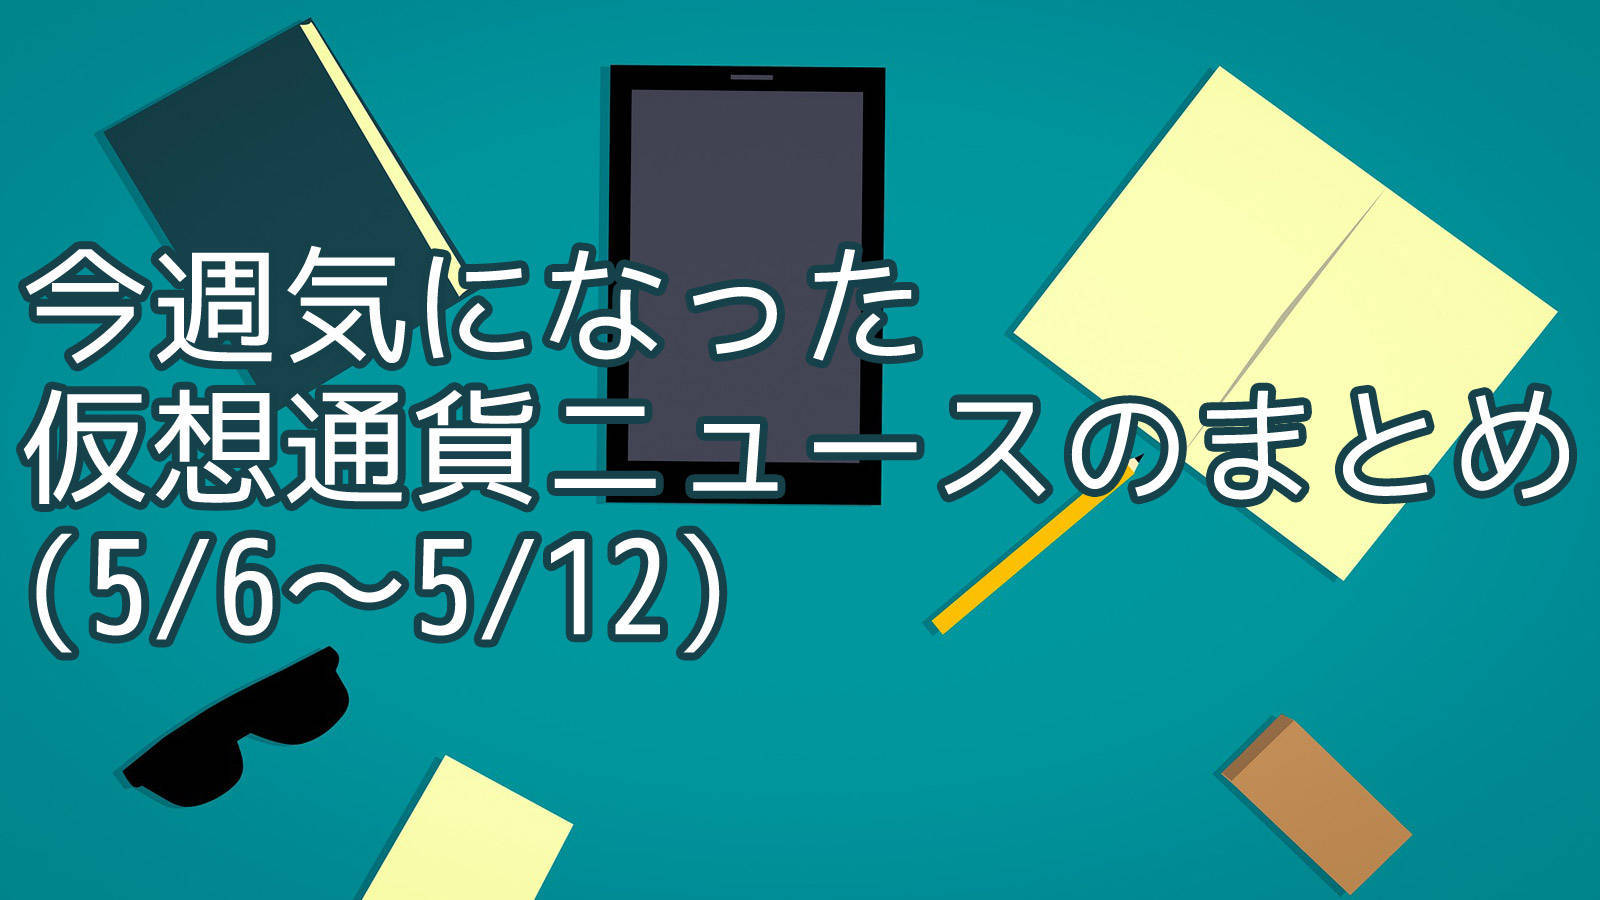 今週気になった仮想通貨ニュースのまとめ (5/6〜5/12)